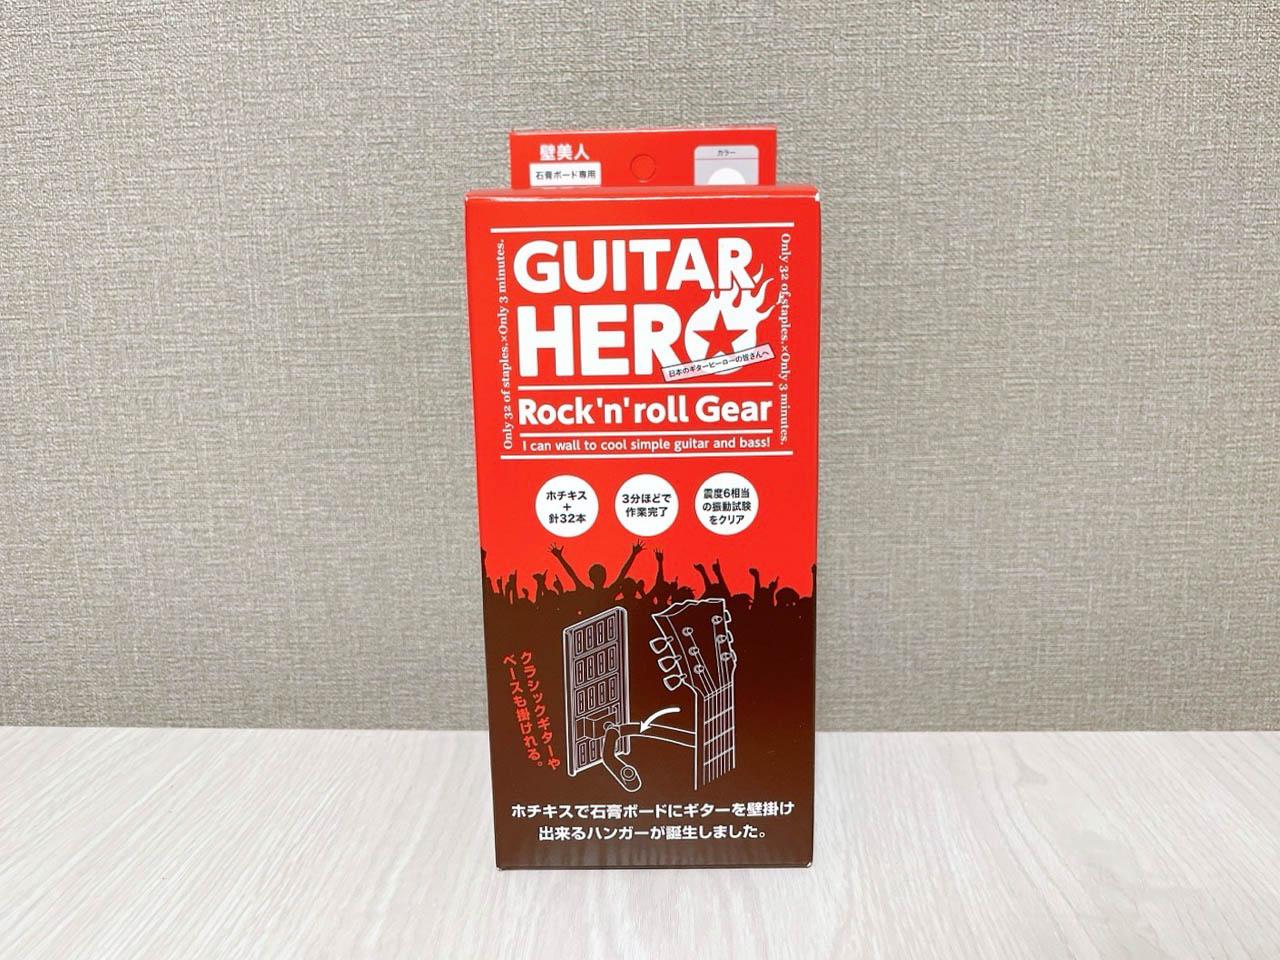 賃貸で使える壁掛けギタースタンド「壁美人 ギターヒーロー」